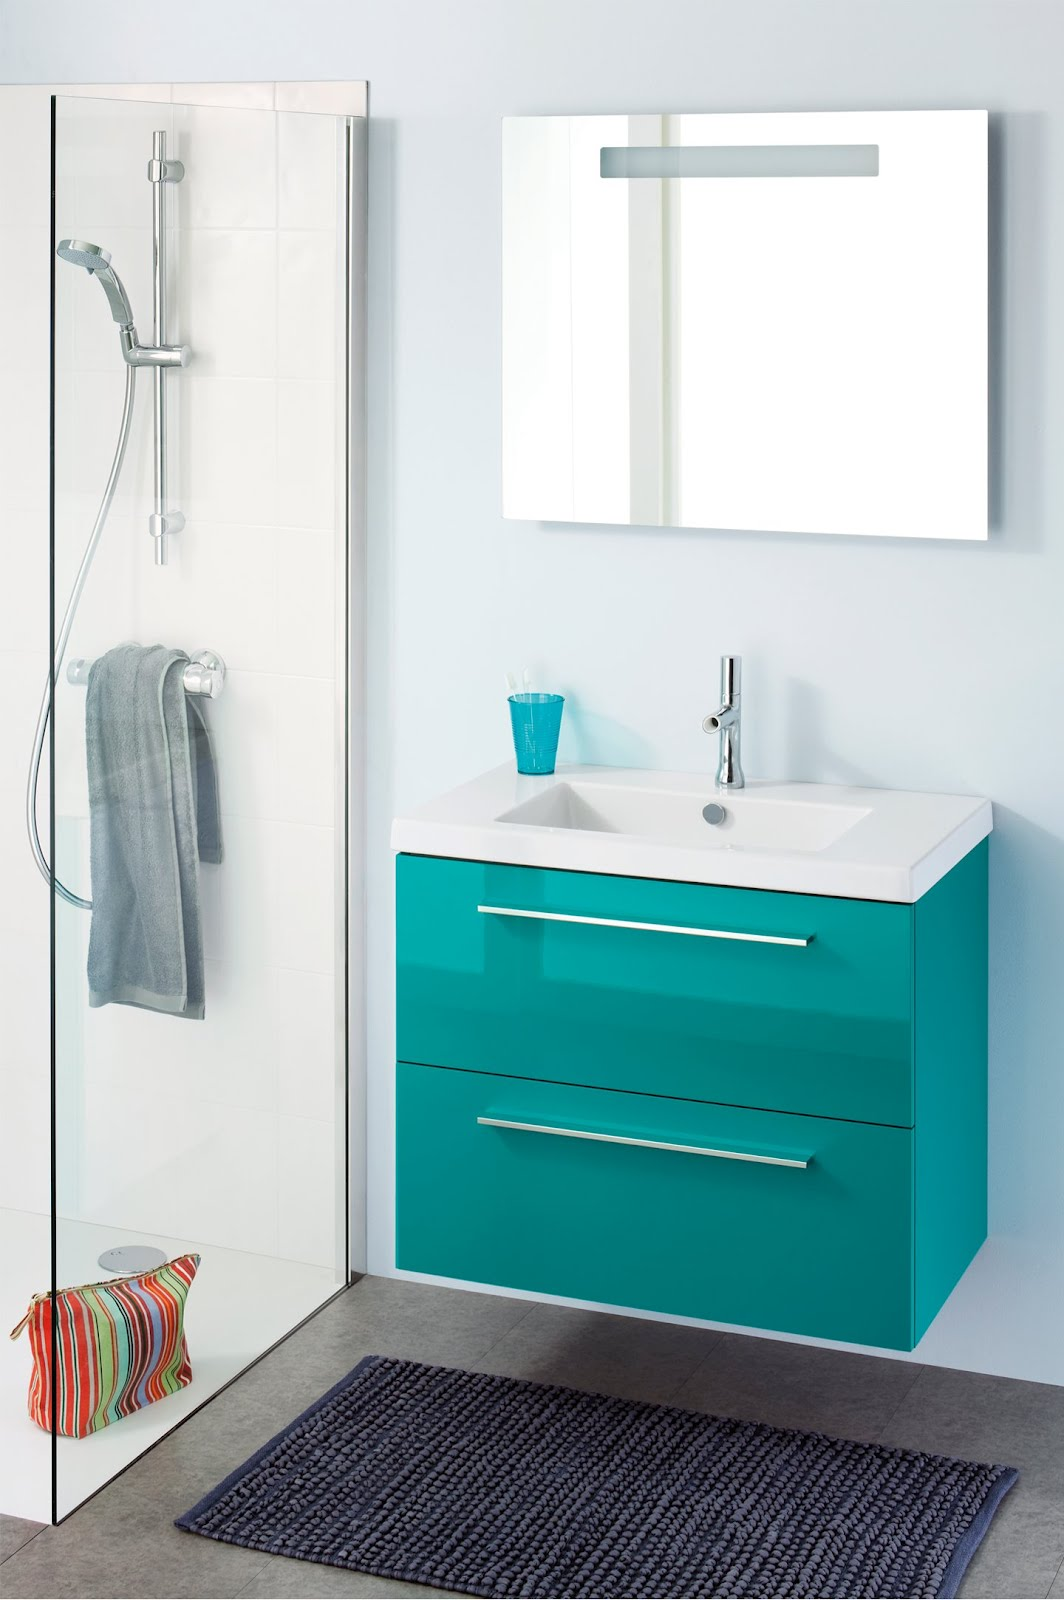 La salle de bain dans tous ses tats d co et saveurs for Salle de bain quelle couleur